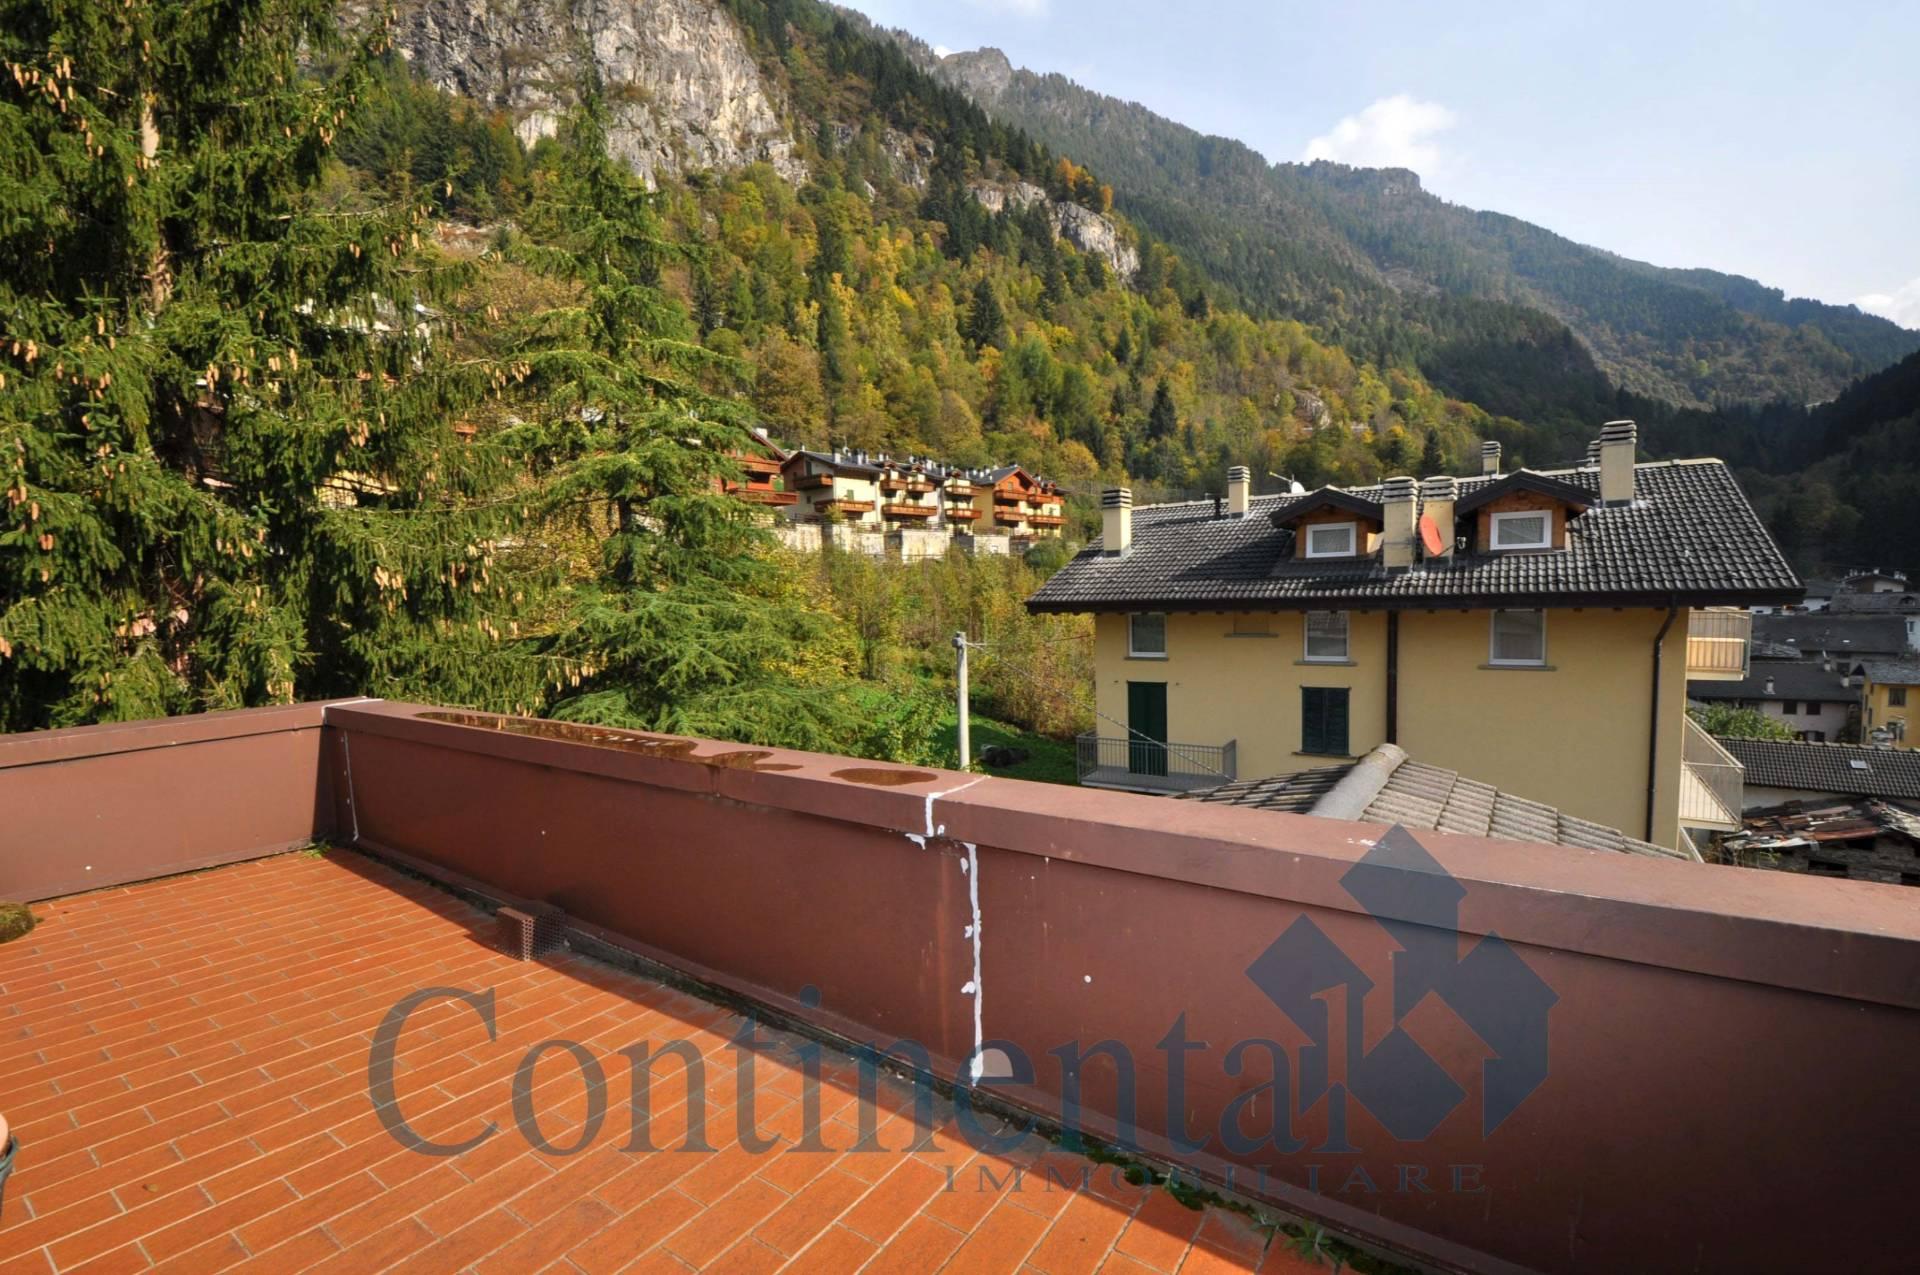 Appartamento in vendita a Carona, 5 locali, prezzo € 89.000 | PortaleAgenzieImmobiliari.it